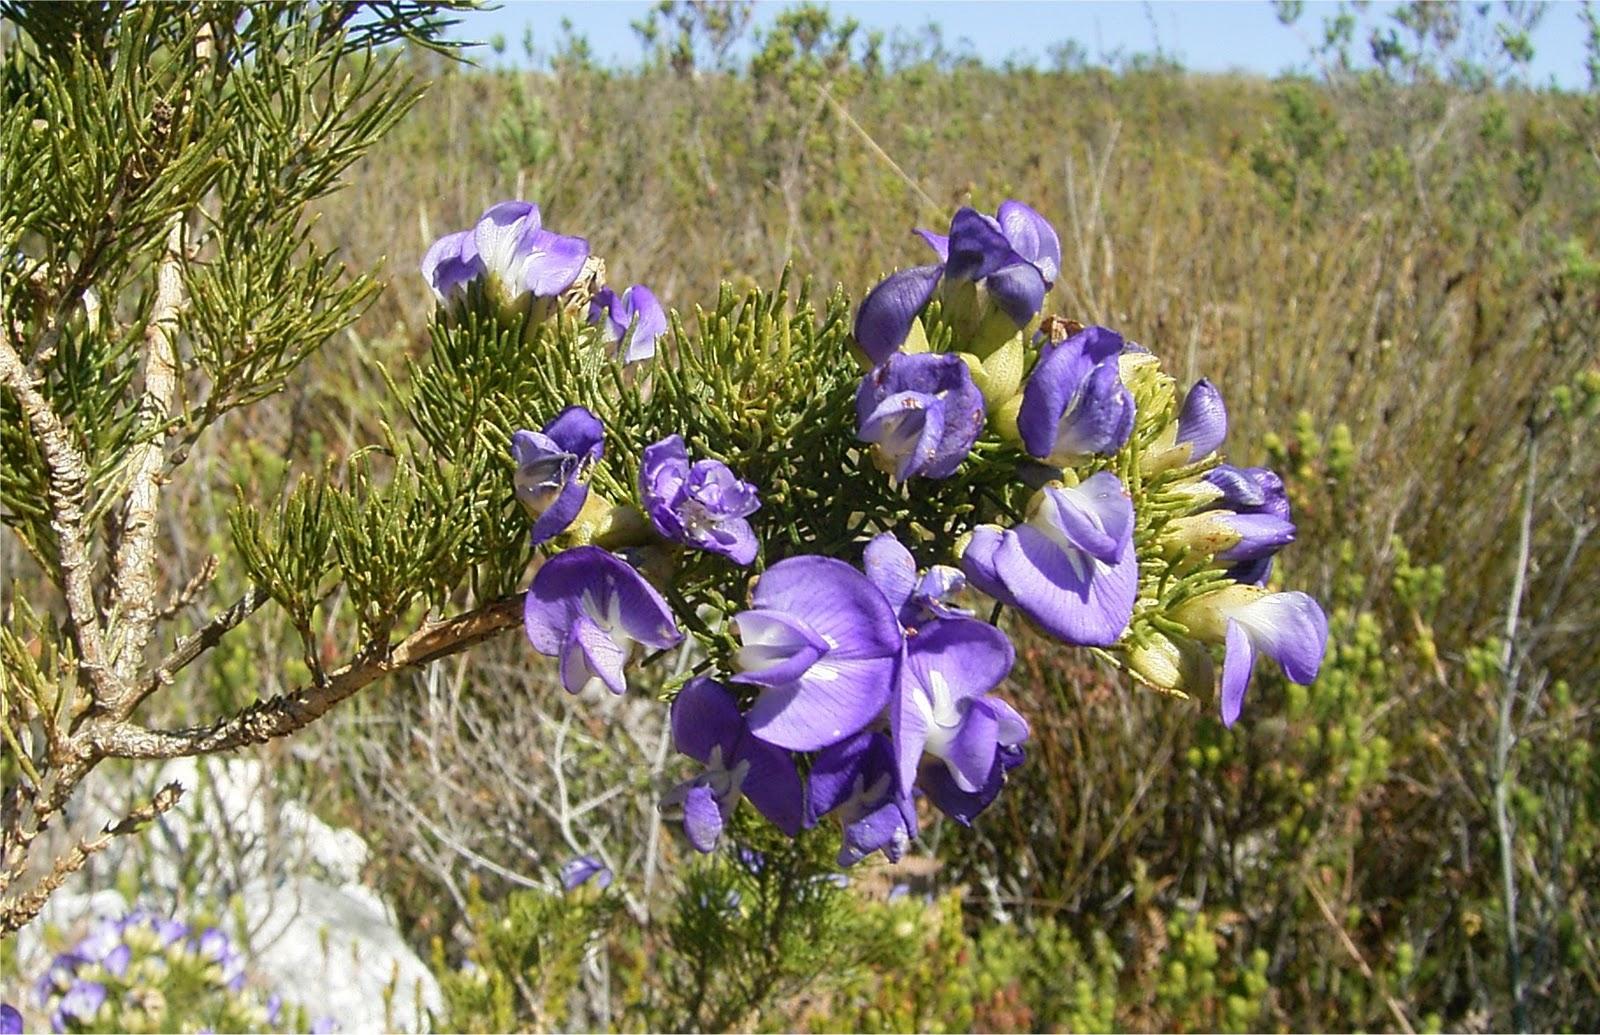 Psoralea azurea flowers